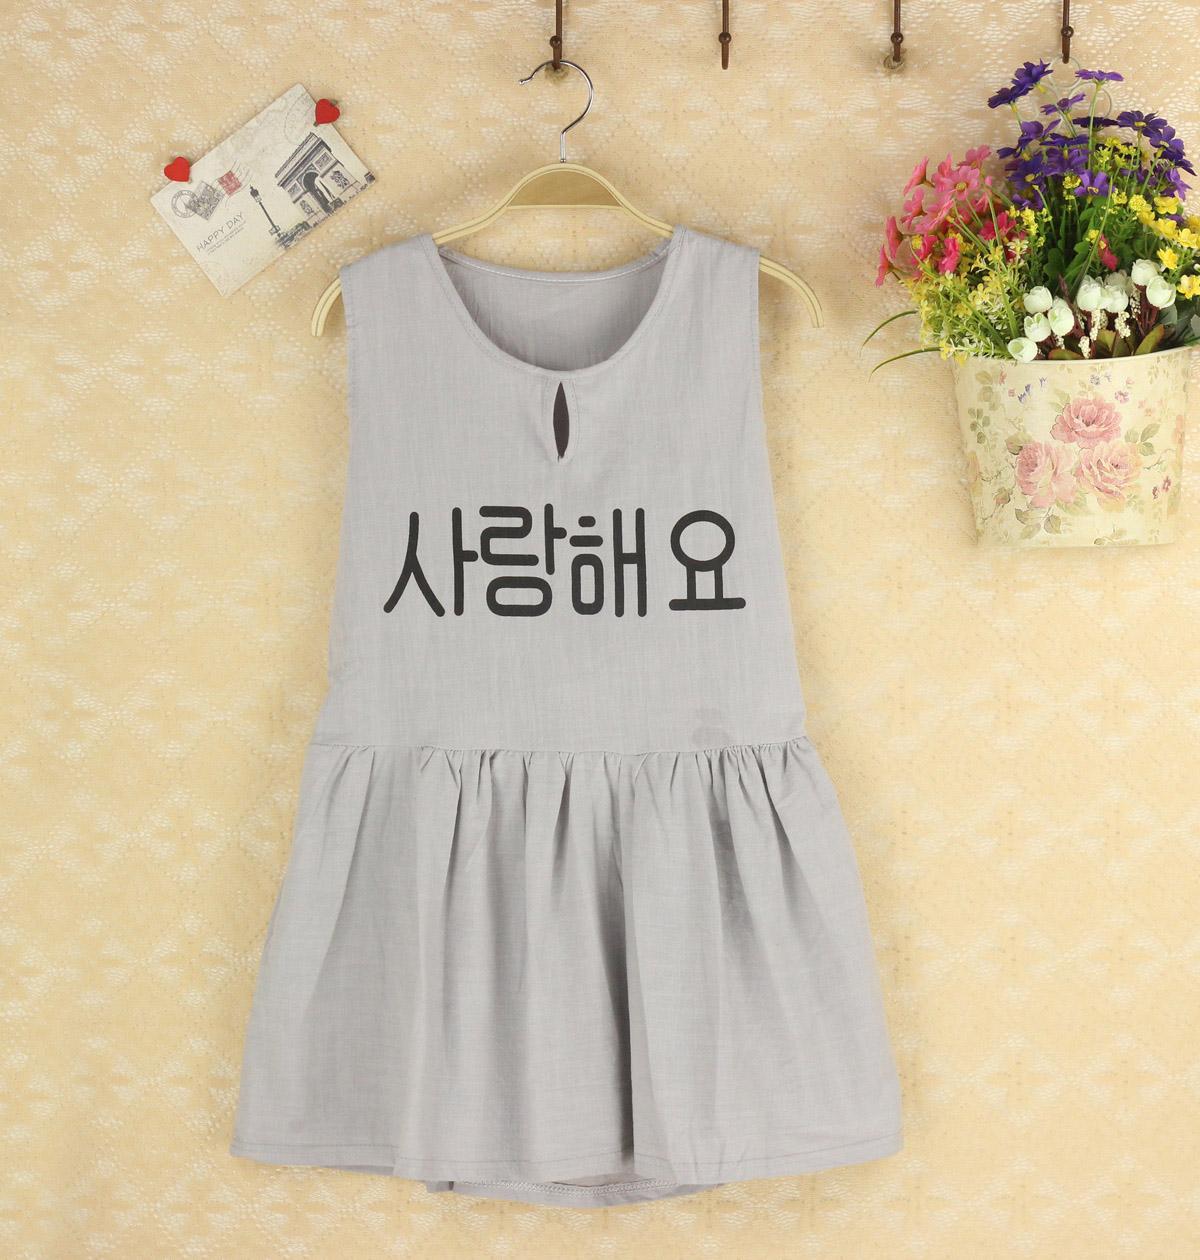 韩国东大门 灰色显瘦OL气质韩文印花打底棉麻 百搭简约短连衣裙